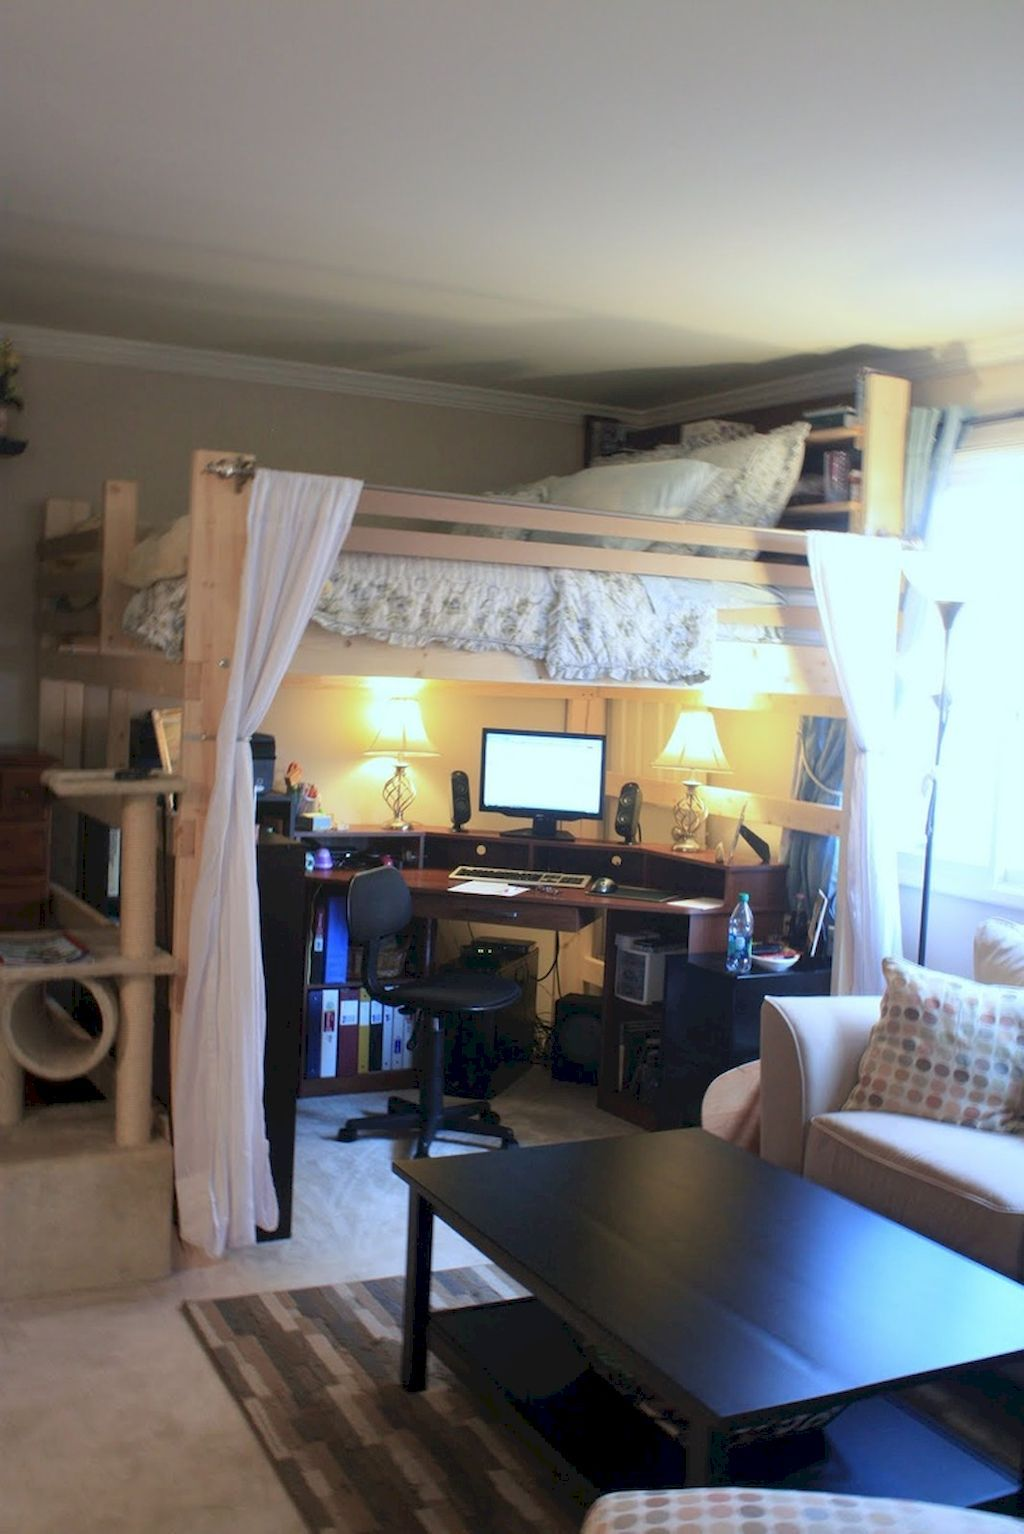 Small room loft bed ideas   Beautiful Tween Room Decor Ideas  Tween Room decor and Room